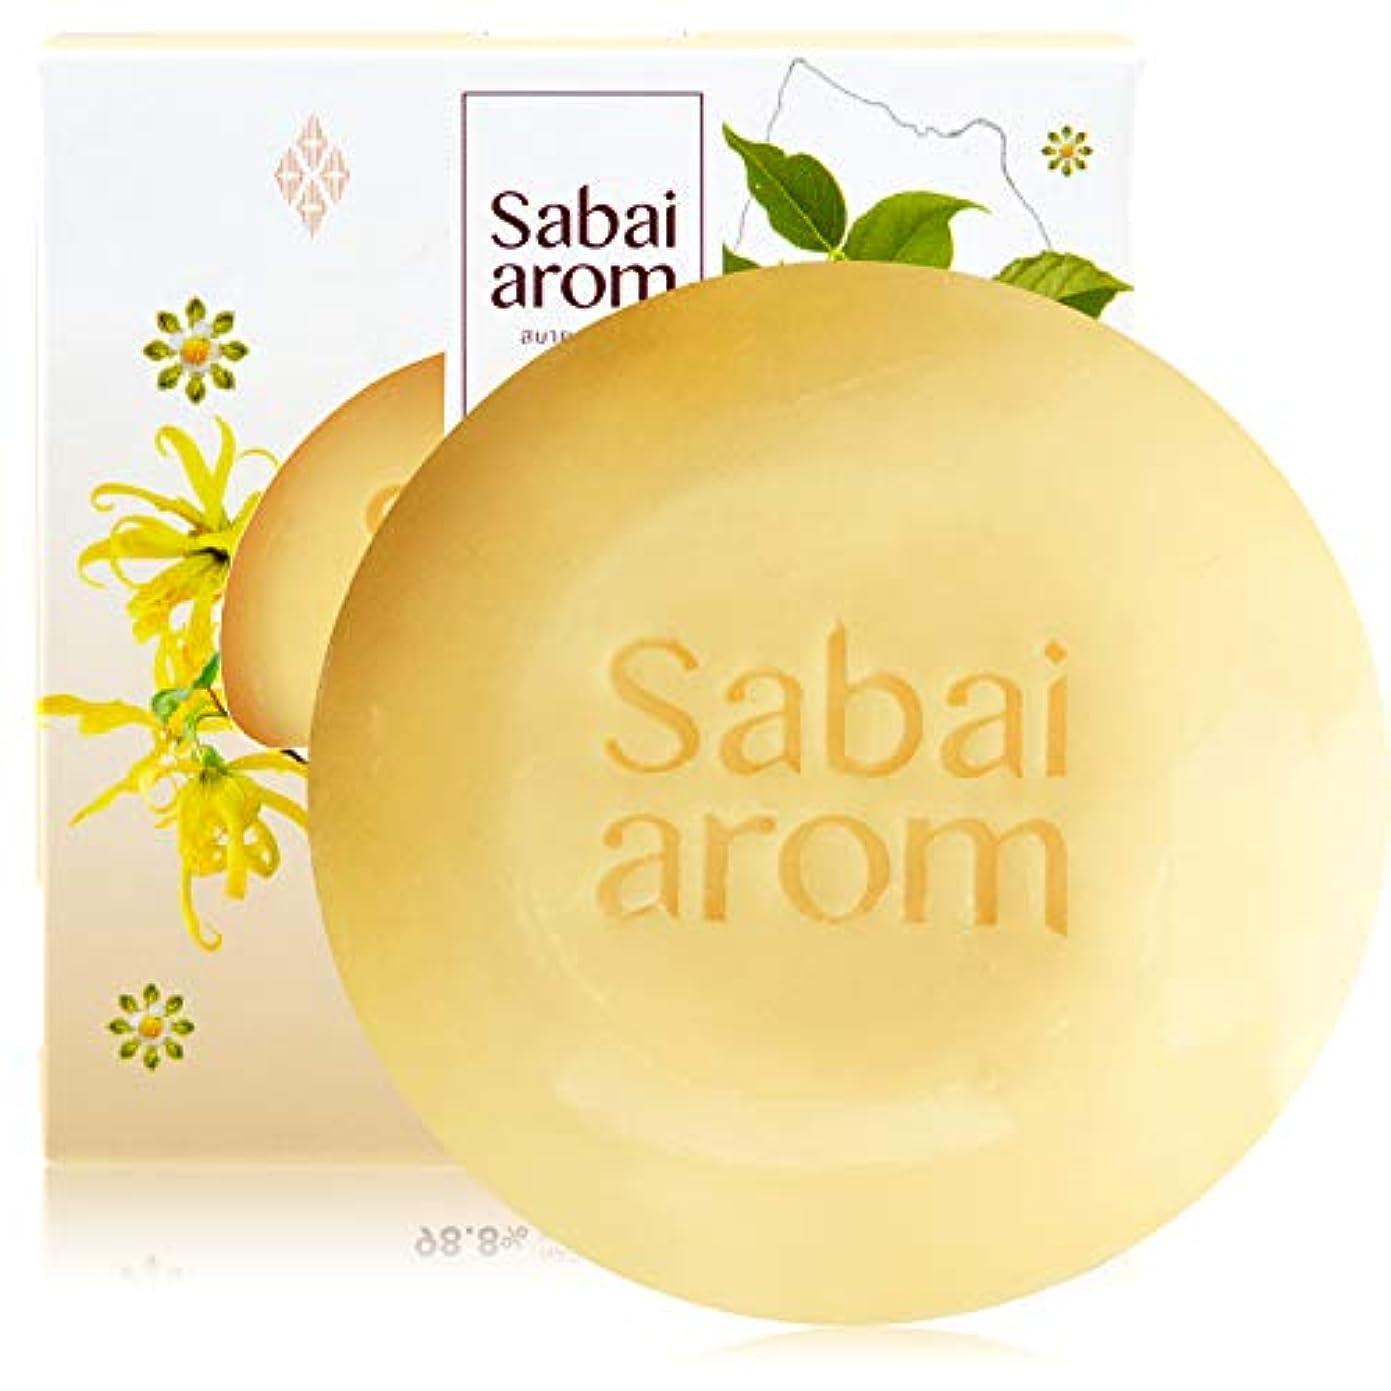 札入れ偉業日常的にサバイアロム(Sabai-arom) ロイヤル サイアミーズ ブロッサムズ フェイス&ボディソープバー (石鹸) 100g【SB】【001】